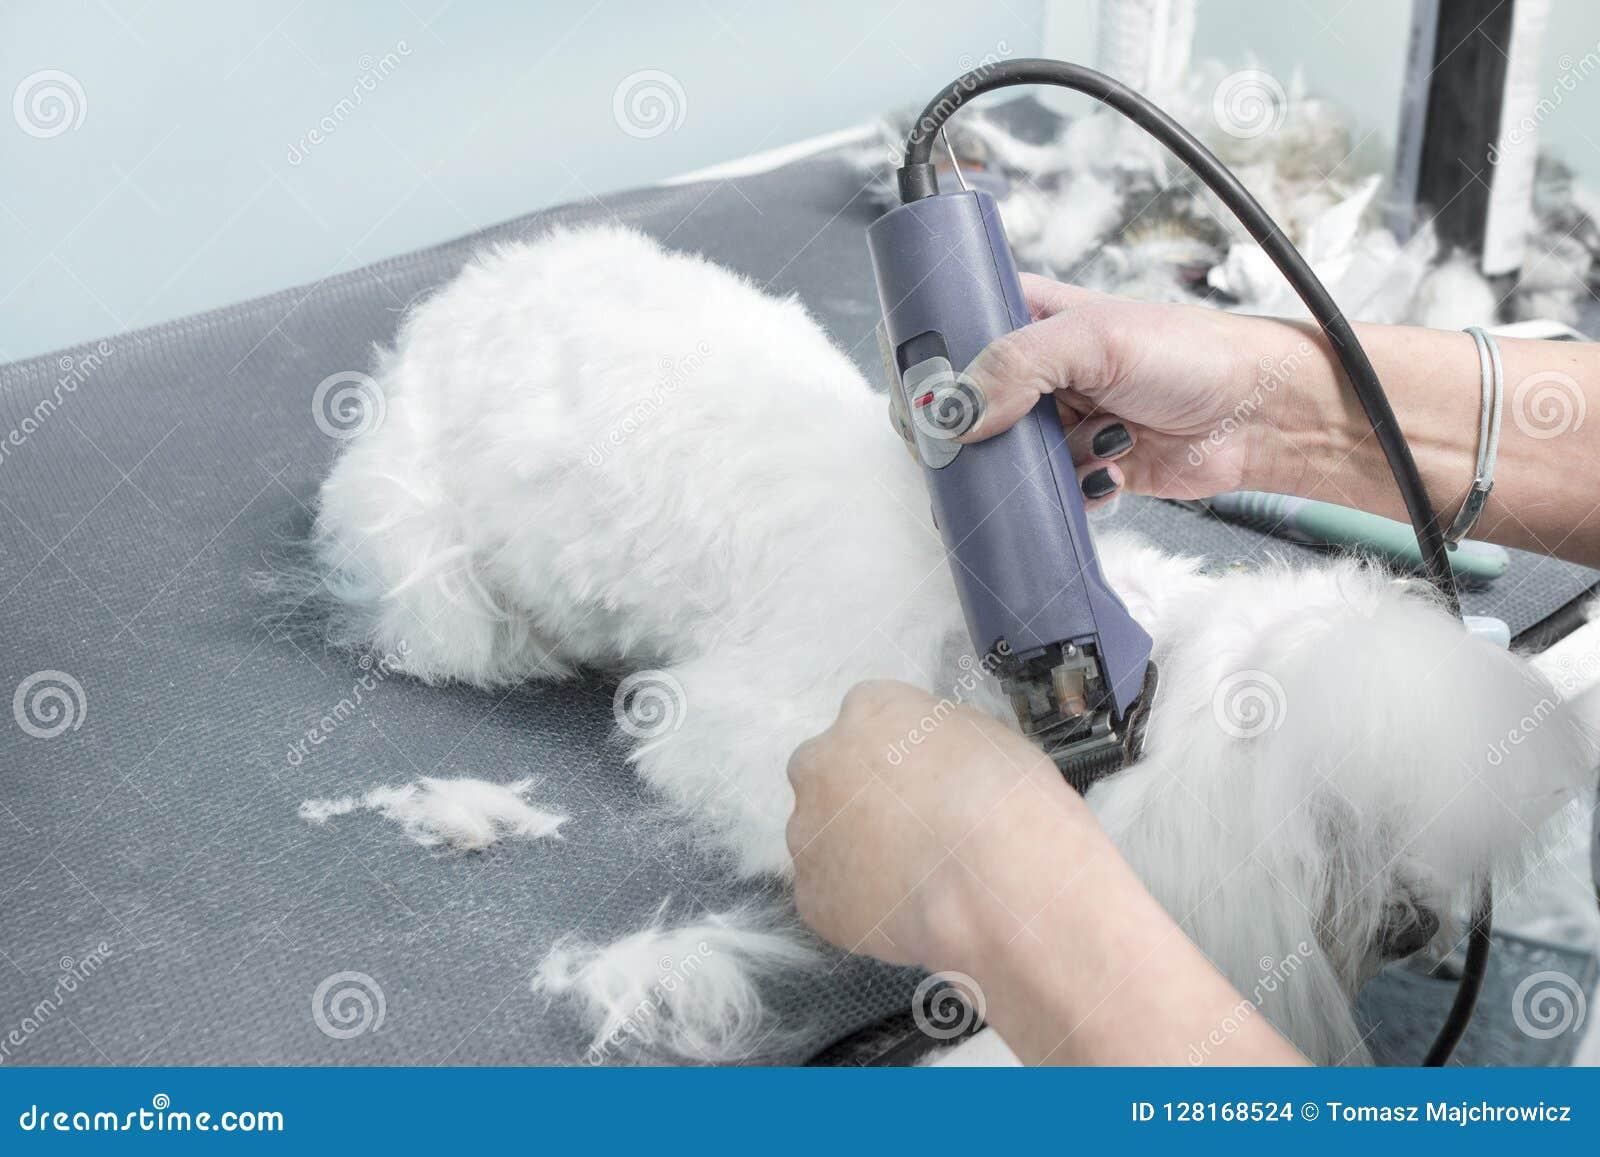 5 Une femme coupe un chien maltais avec une tondeuse électrique dans un salon de beauté animal